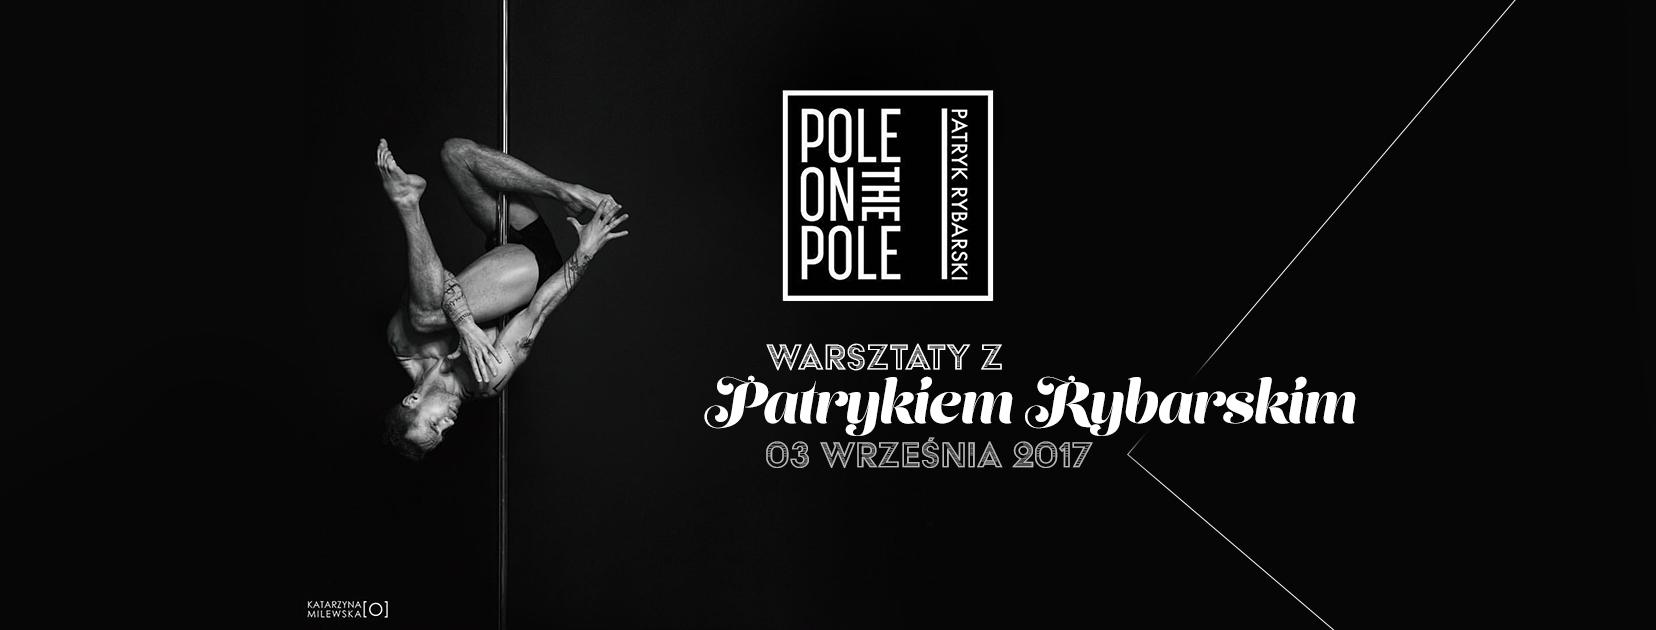 Warsztaty Pole Dance z Patrykiem Rybarskim